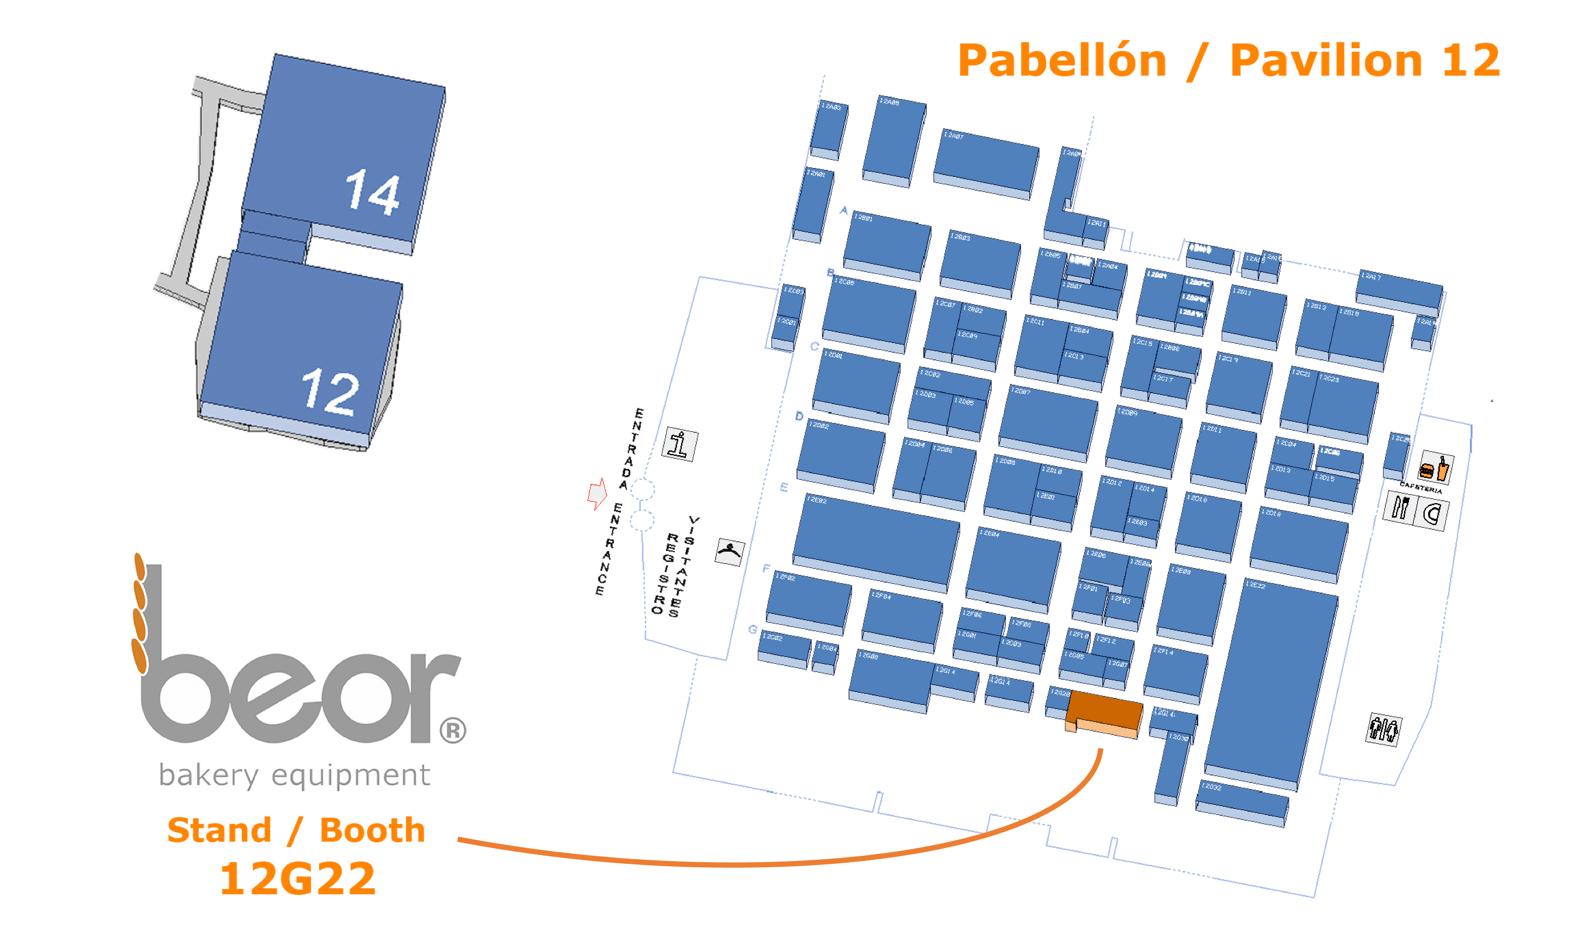 Pabellón InterSicop 2019